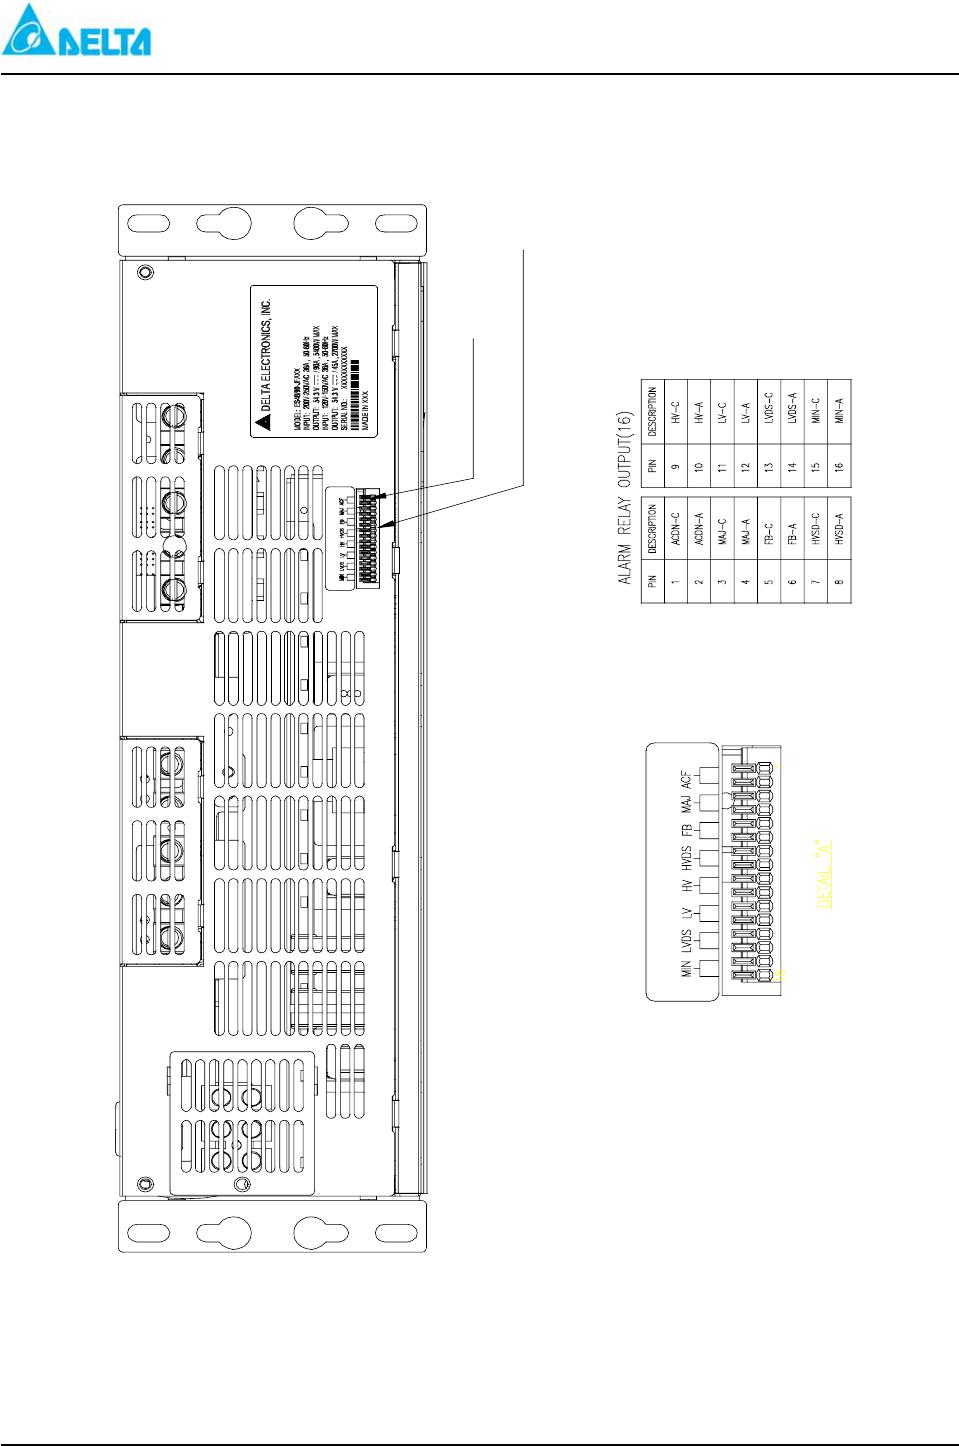 medium resolution of delta mcs 1800 figure 3 1 es 48 90 jfaxx alarm relay output connectors